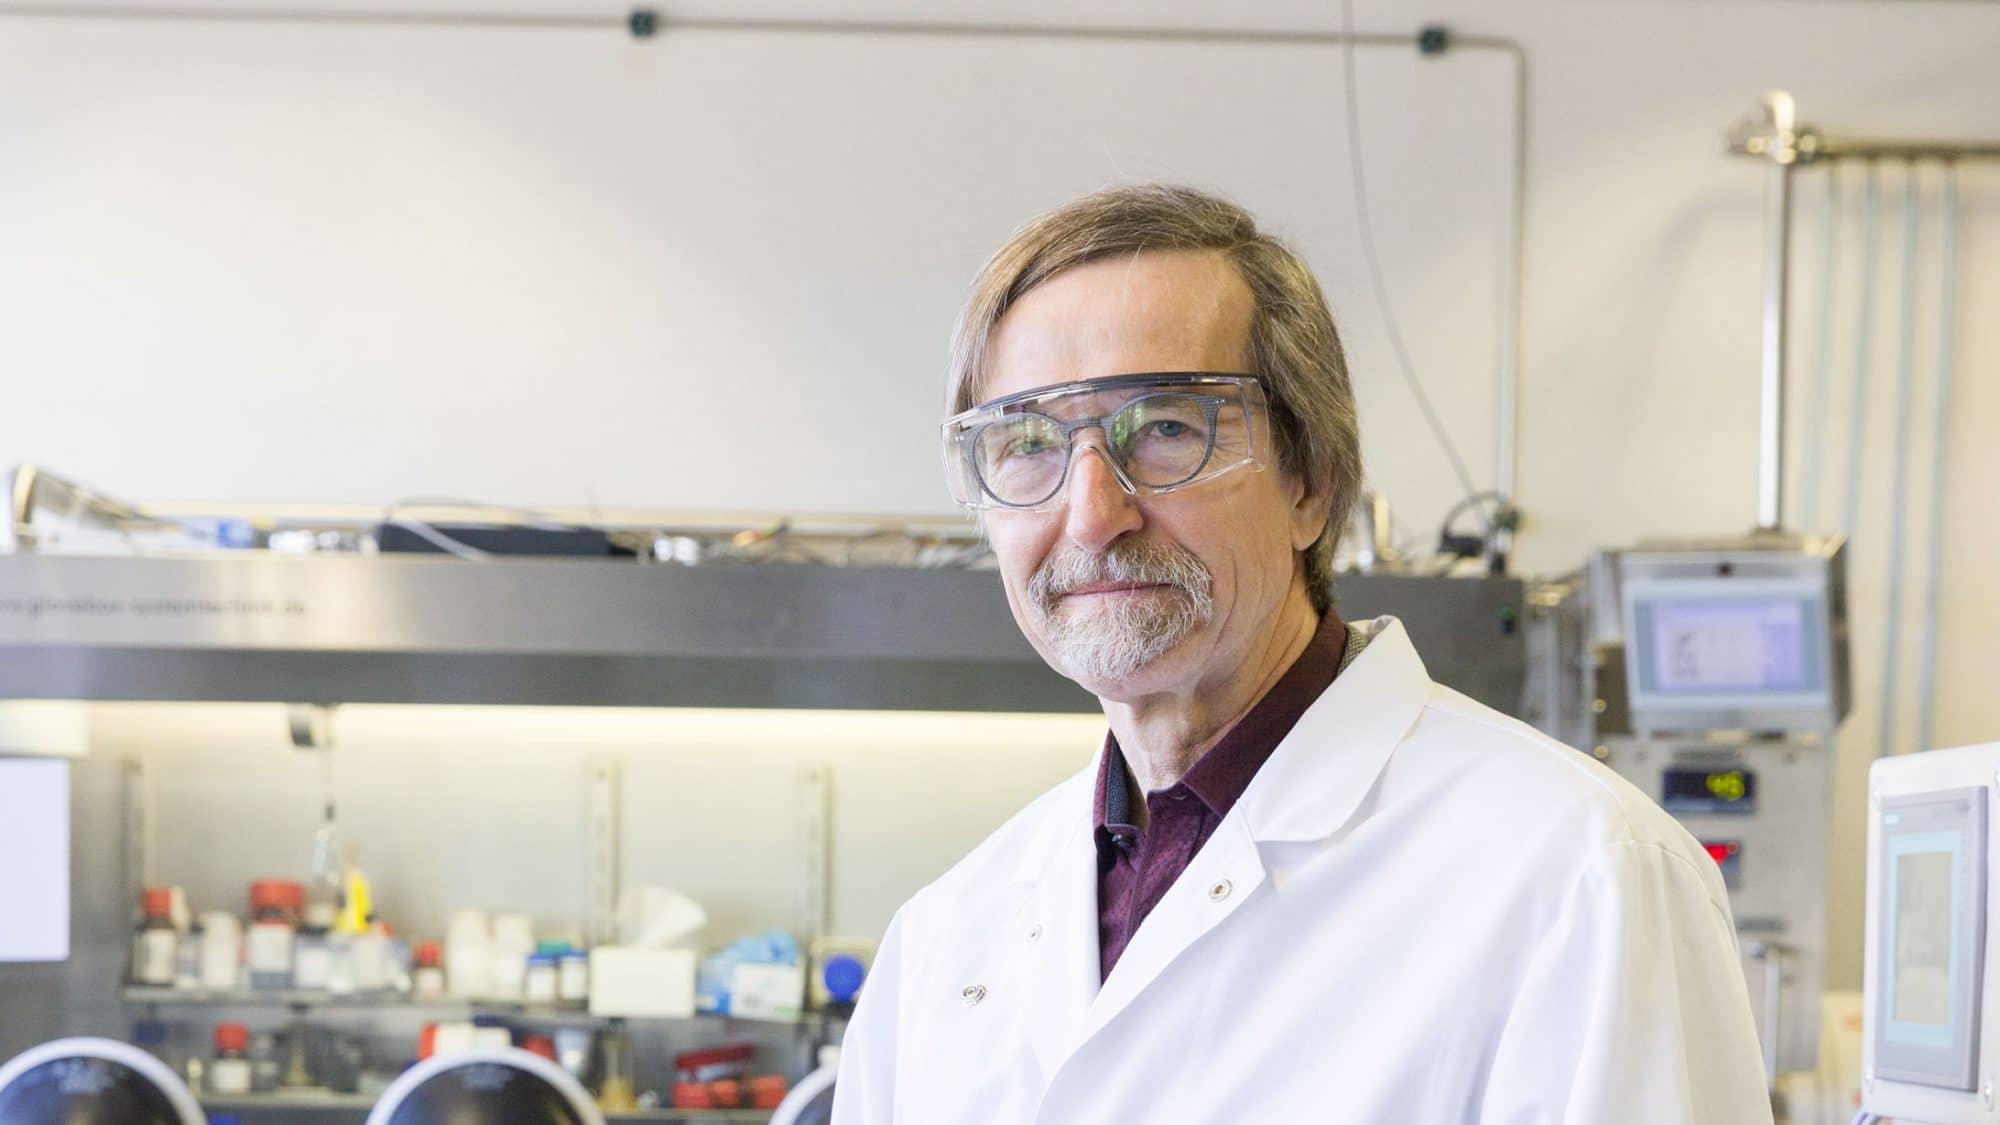 Petr Novák, Spezialist für elektrochemische Speicher am PSI